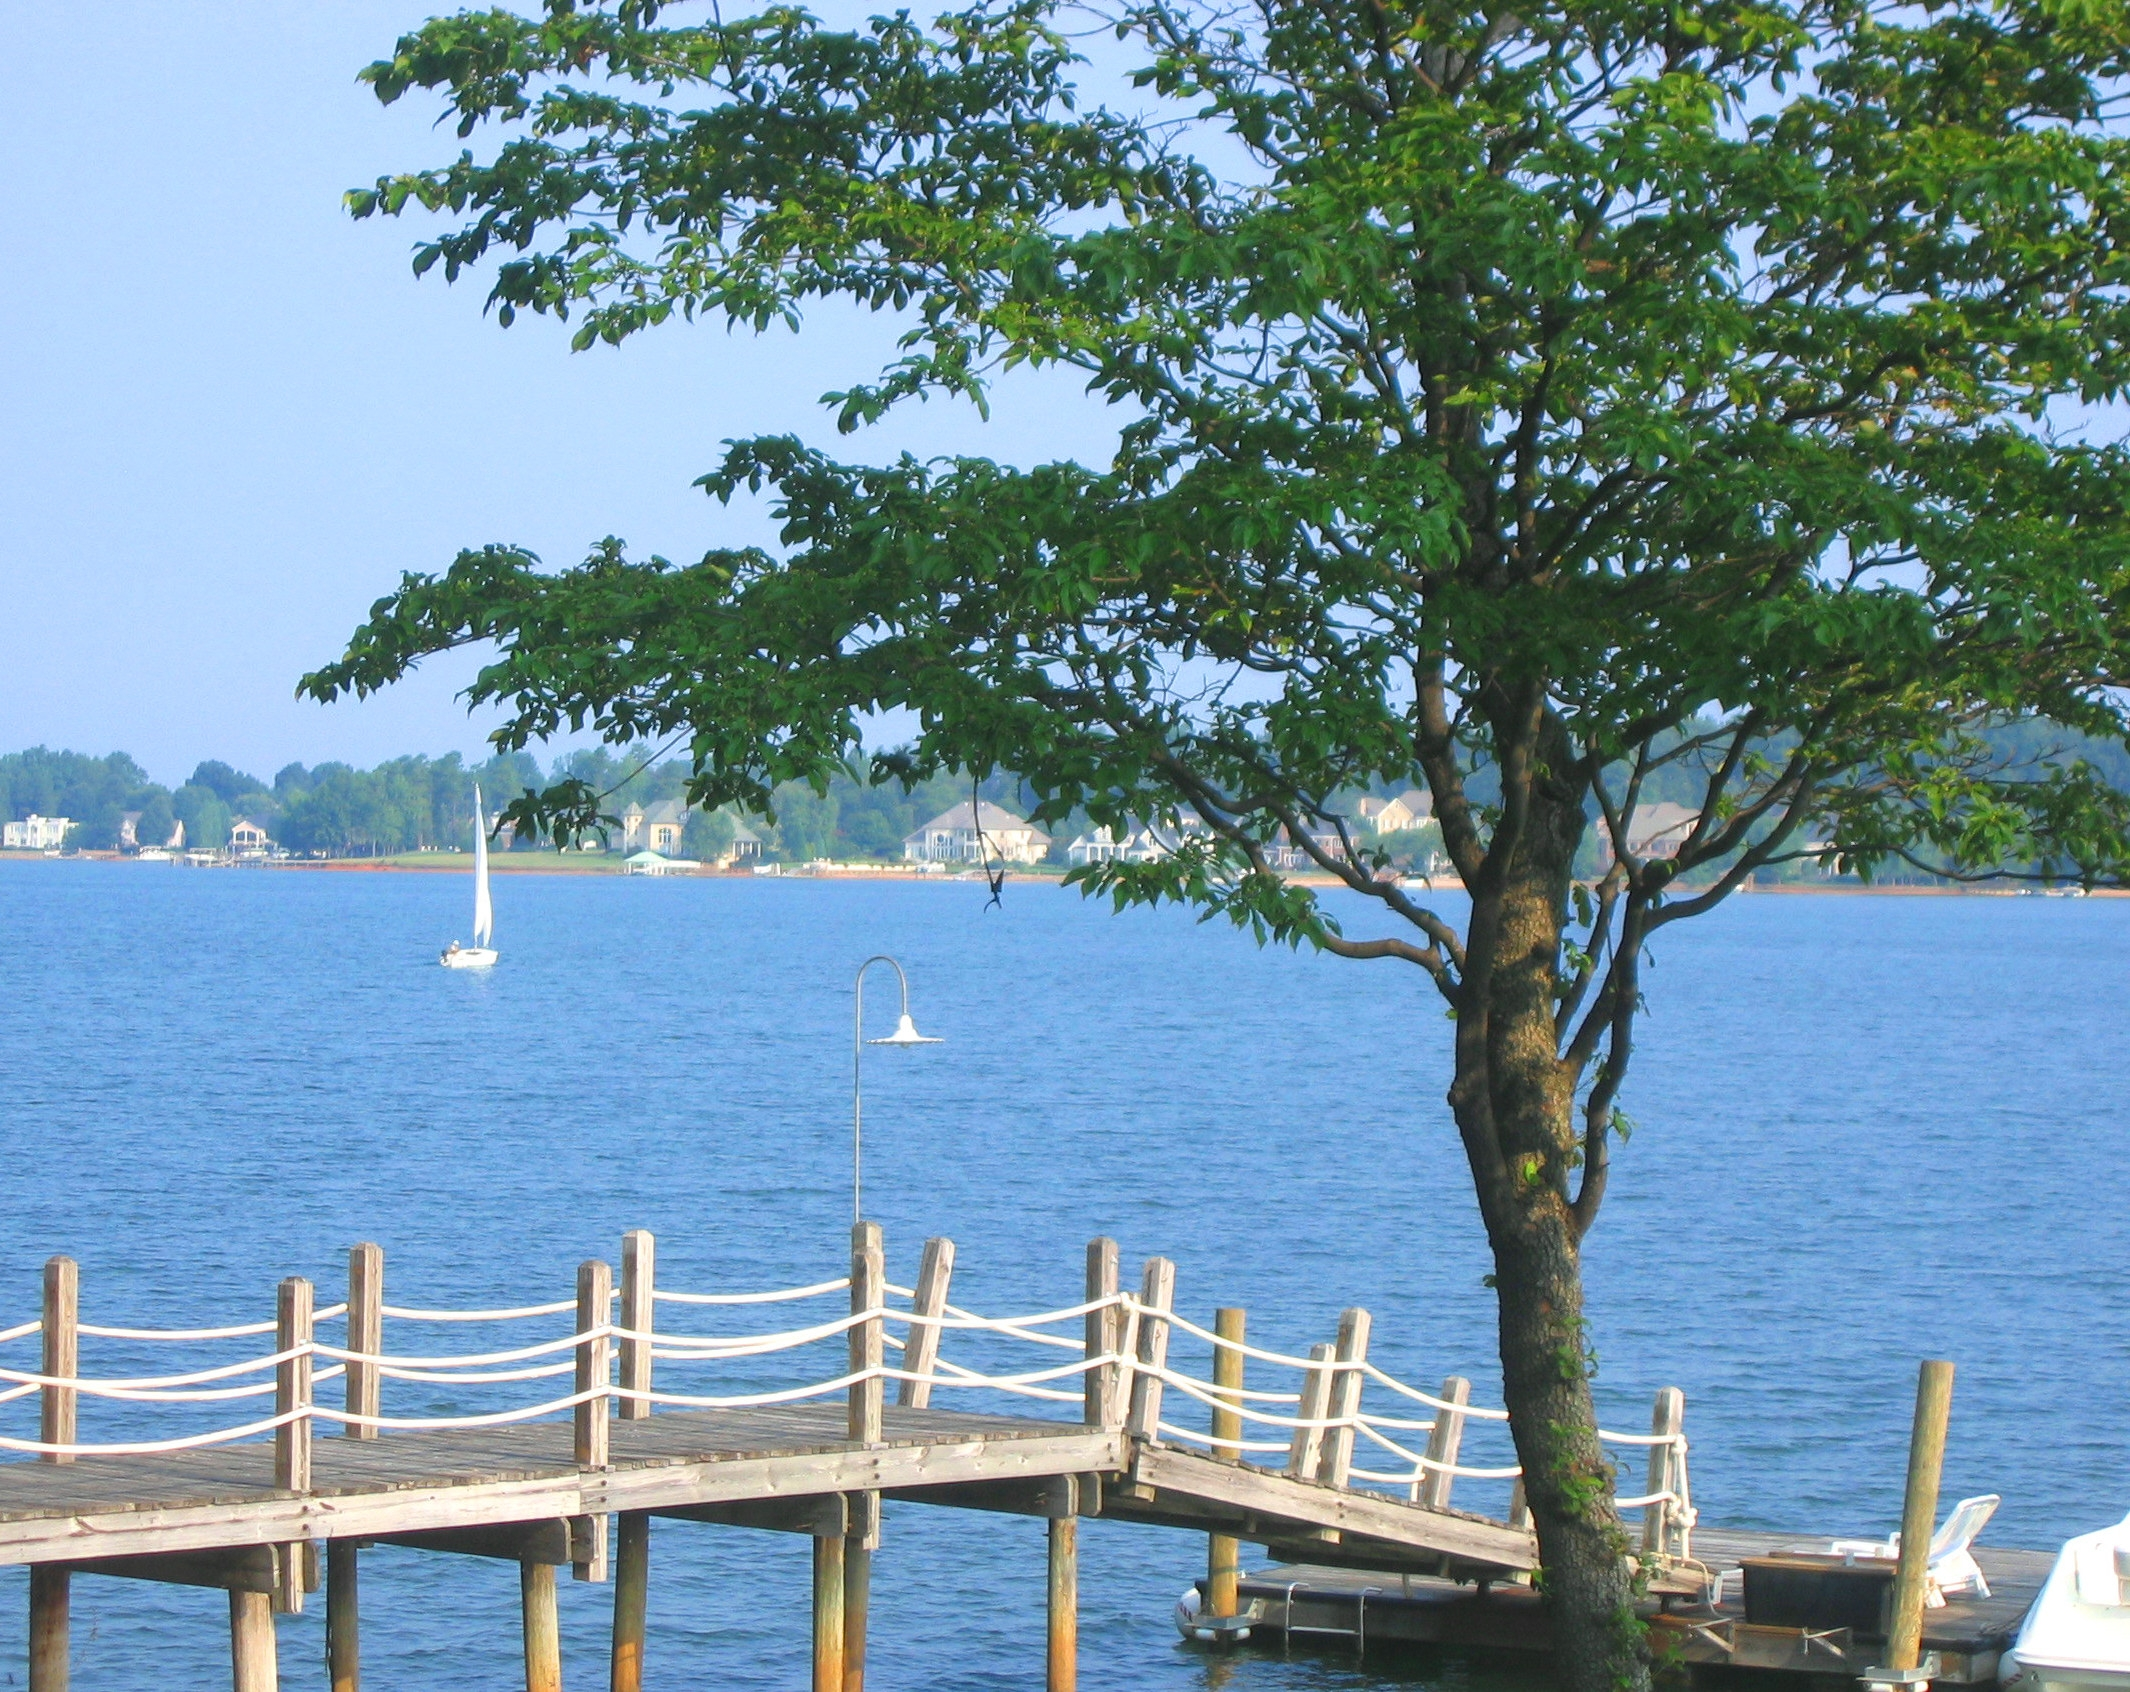 Lake Norman-morning pier view